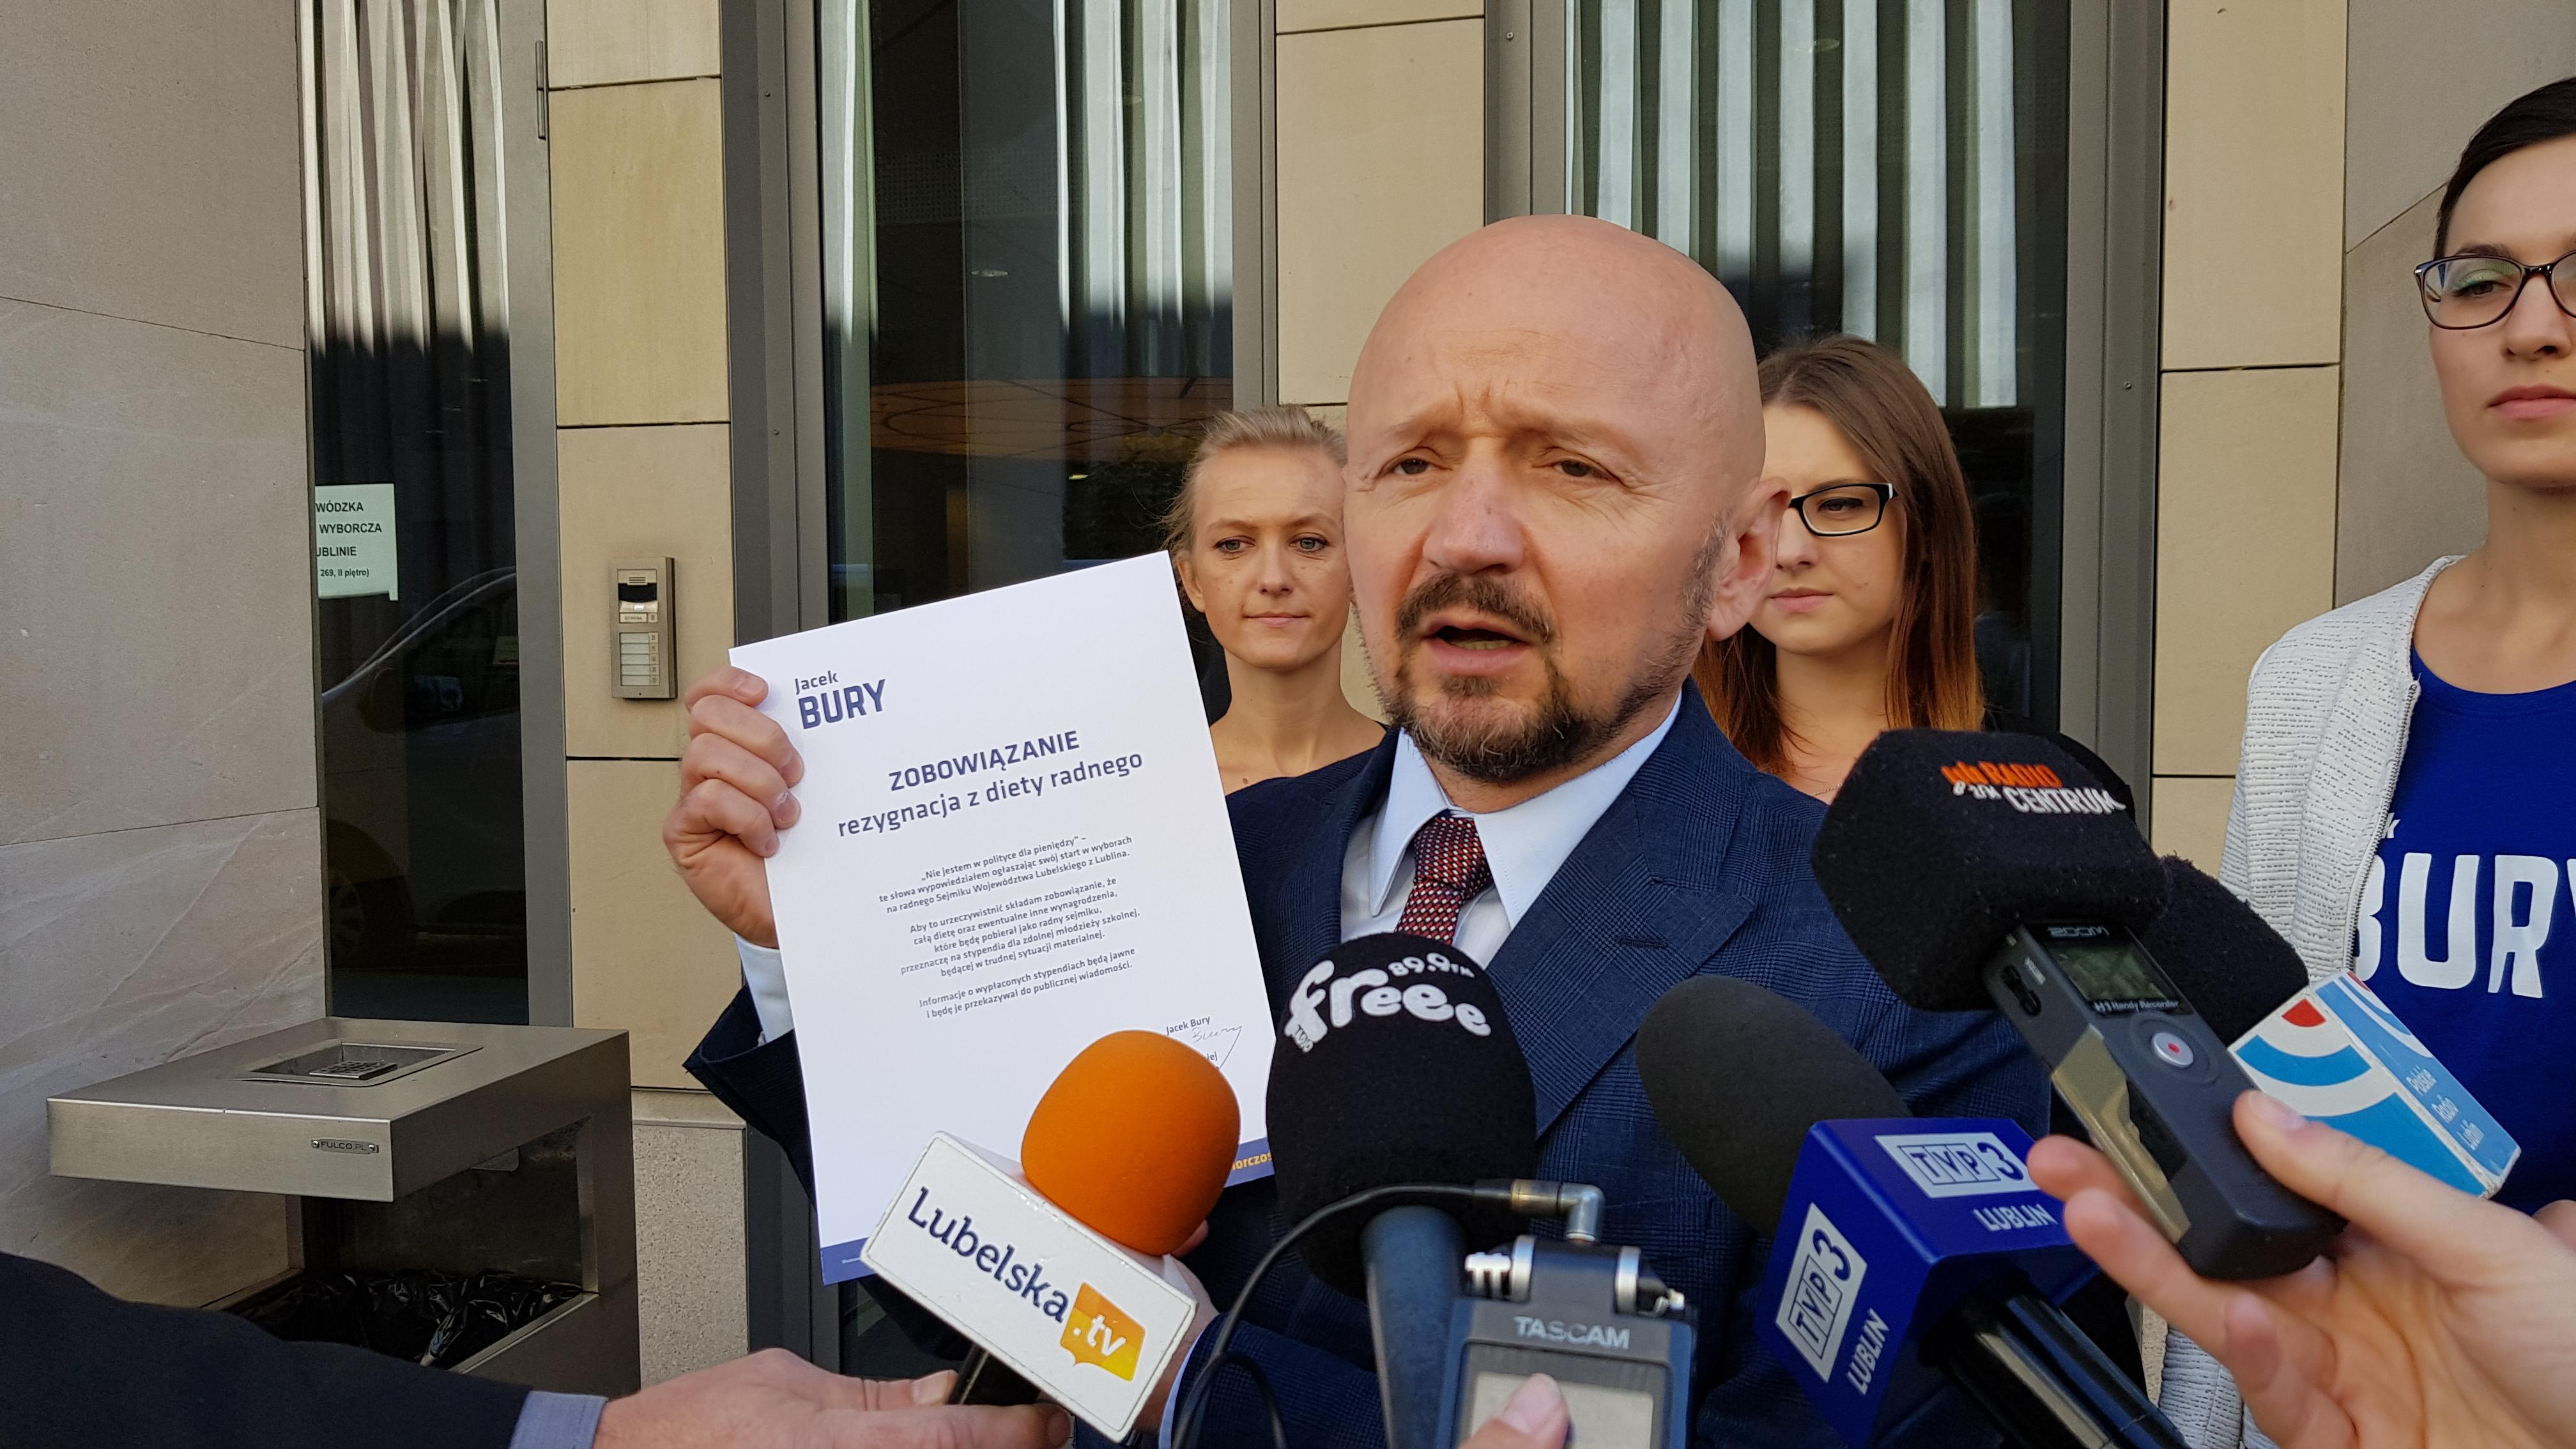 Kandydat do sejmiku wojewódzkiego z Koalicji Obywatelskiej zrzeka się diety radnego.